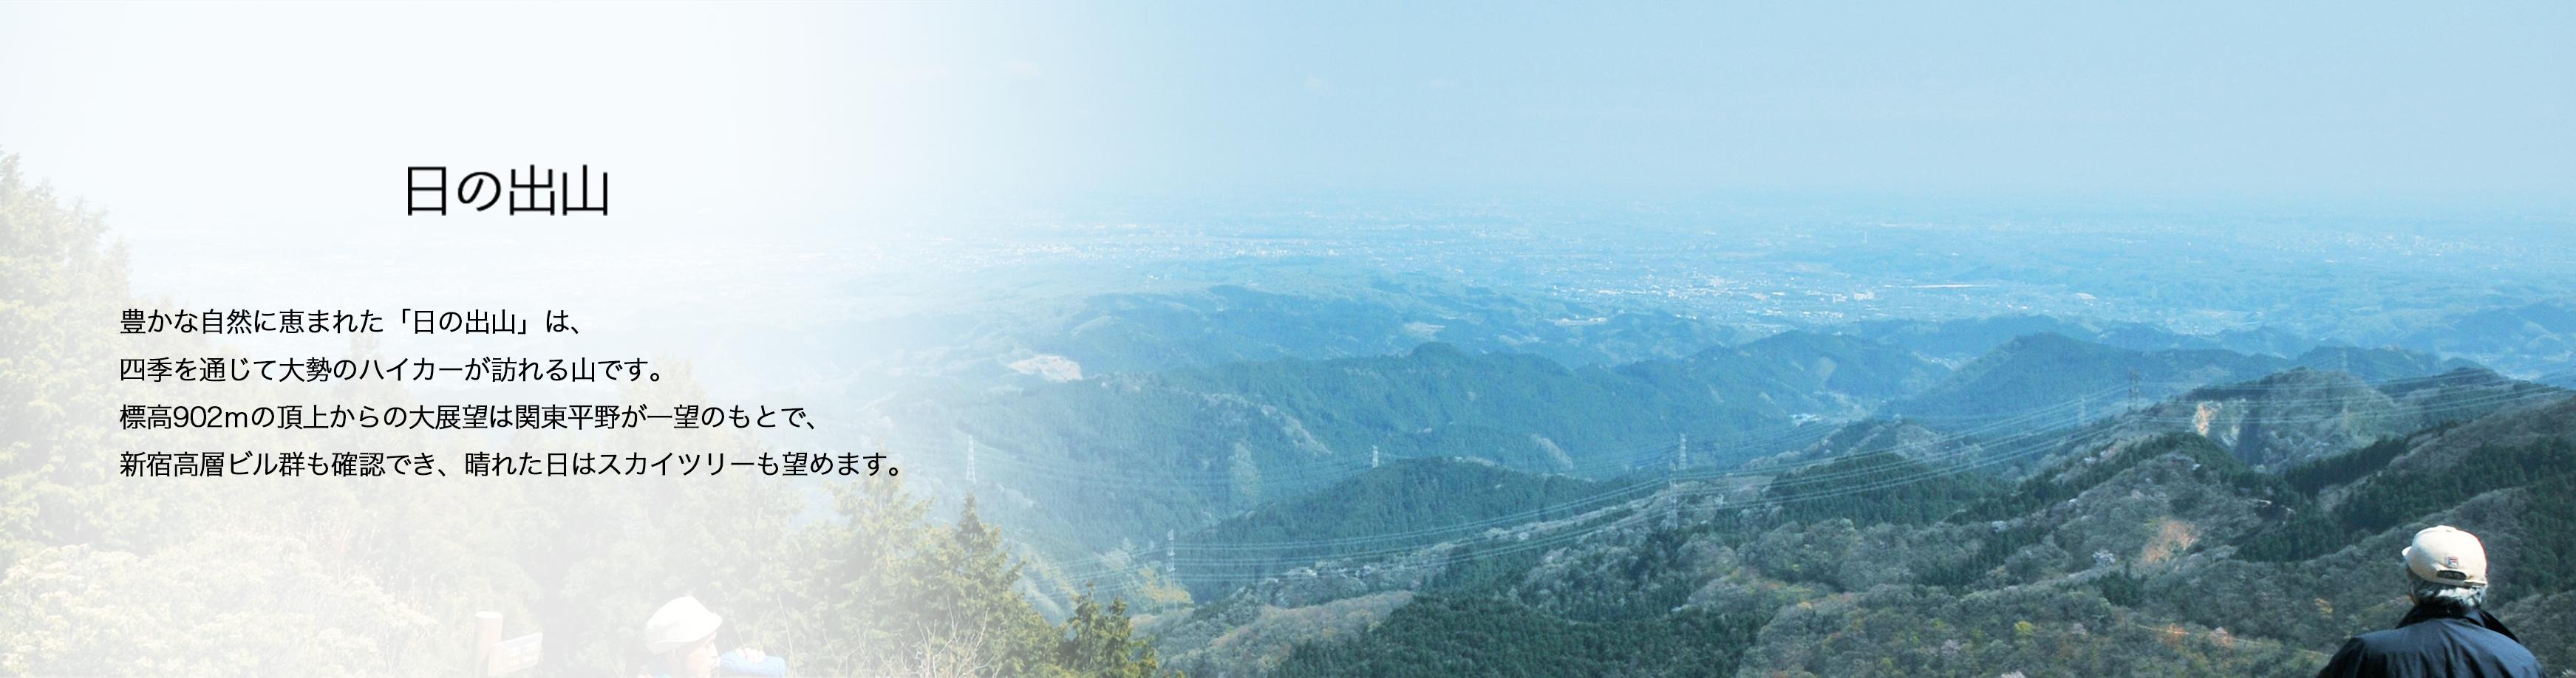 日の出山 豊かな自然に恵まれた「日の出山」は、 四季を通じて大勢のハイカーが訪れる山です。 標高902mの頂上からの大展望は関東平野が一望のもとで、 新宿高層ビル群も確認でき、晴れた日はスカイツリーも望めます。